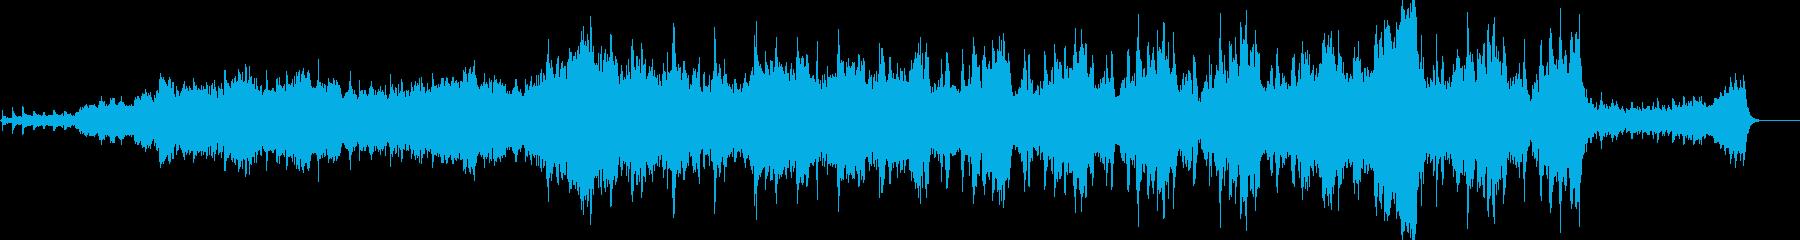 映像等に合うしっとりしたオーケストラ楽曲の再生済みの波形